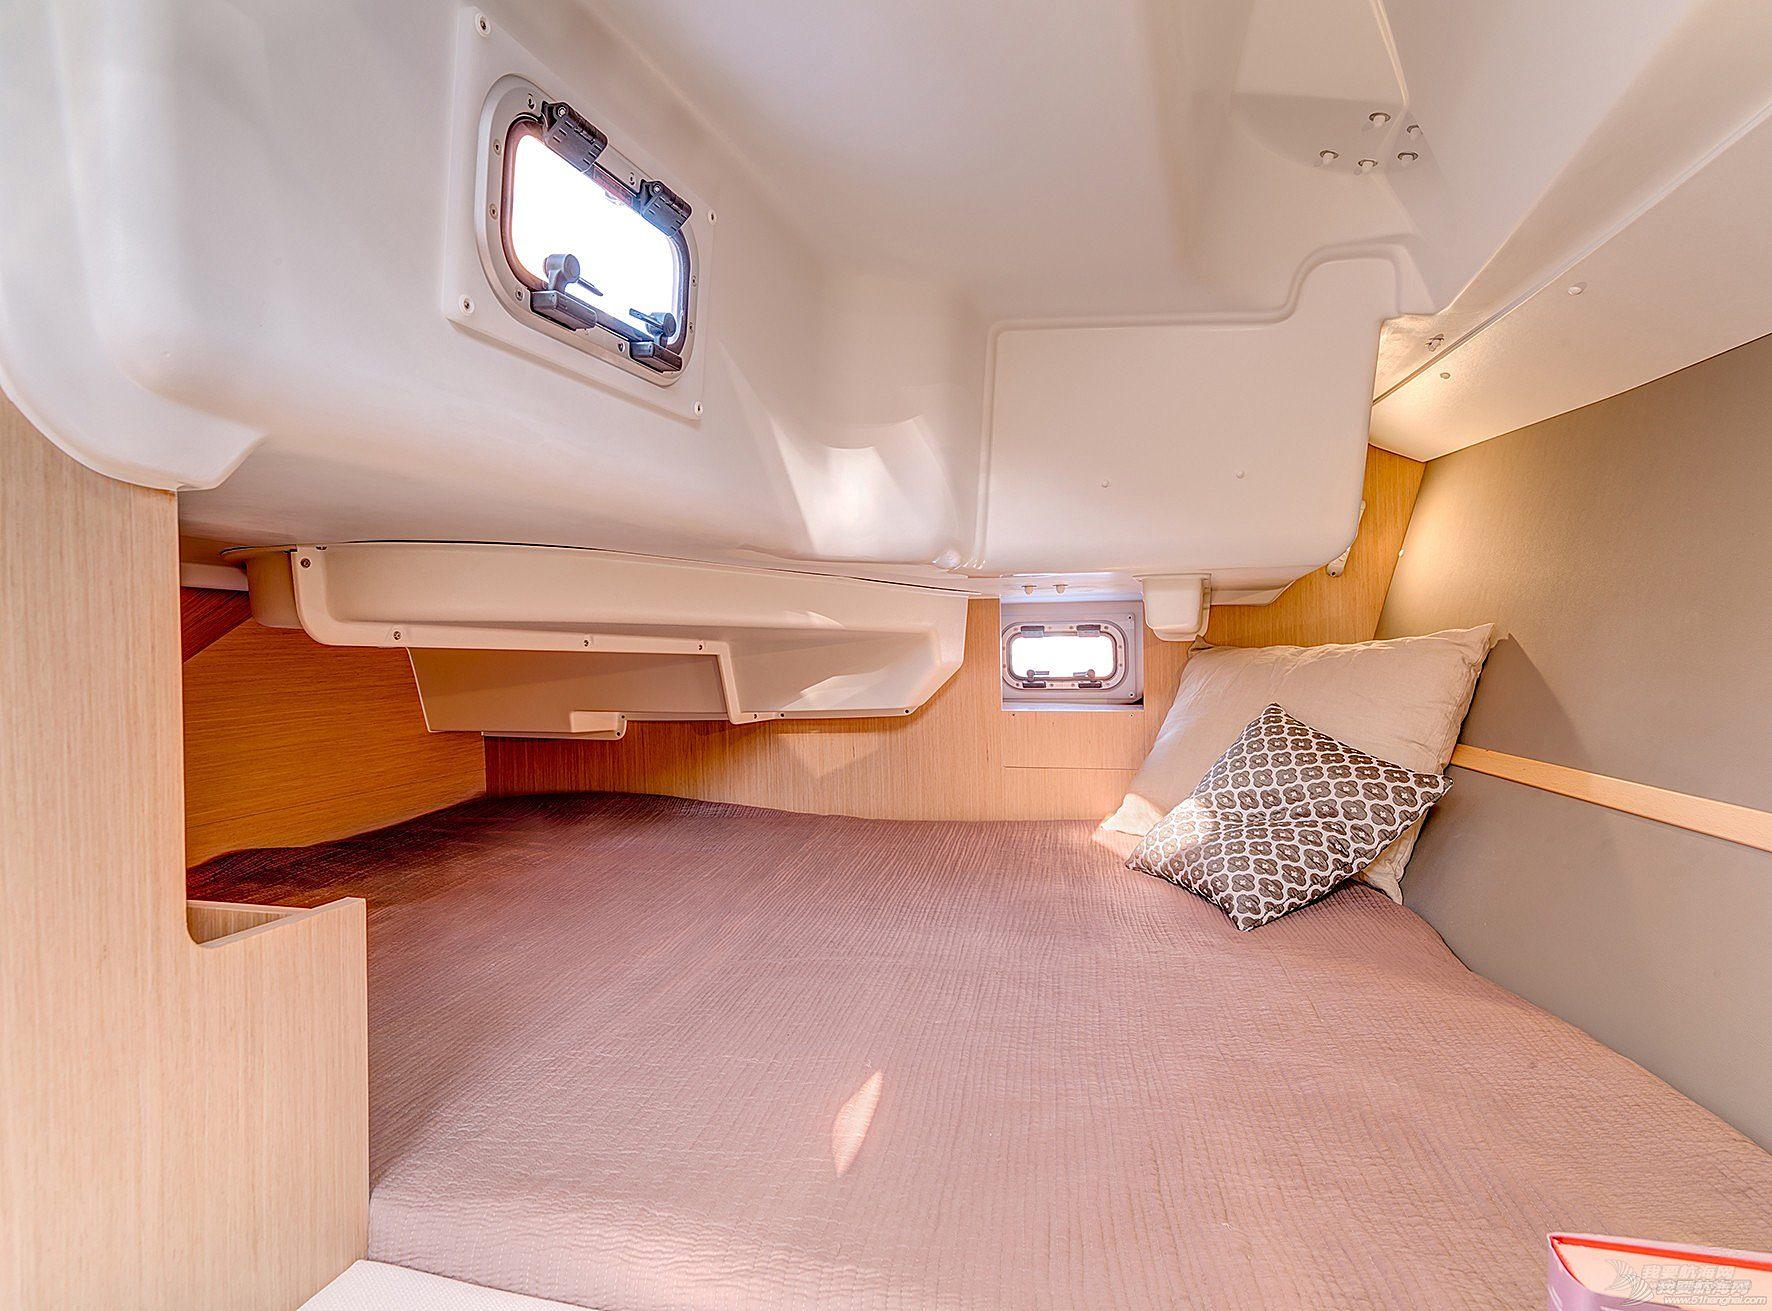 发动机,帆船,型号 Beneteau Oceanis 31 博纳多遨享仕31英尺单体帆船